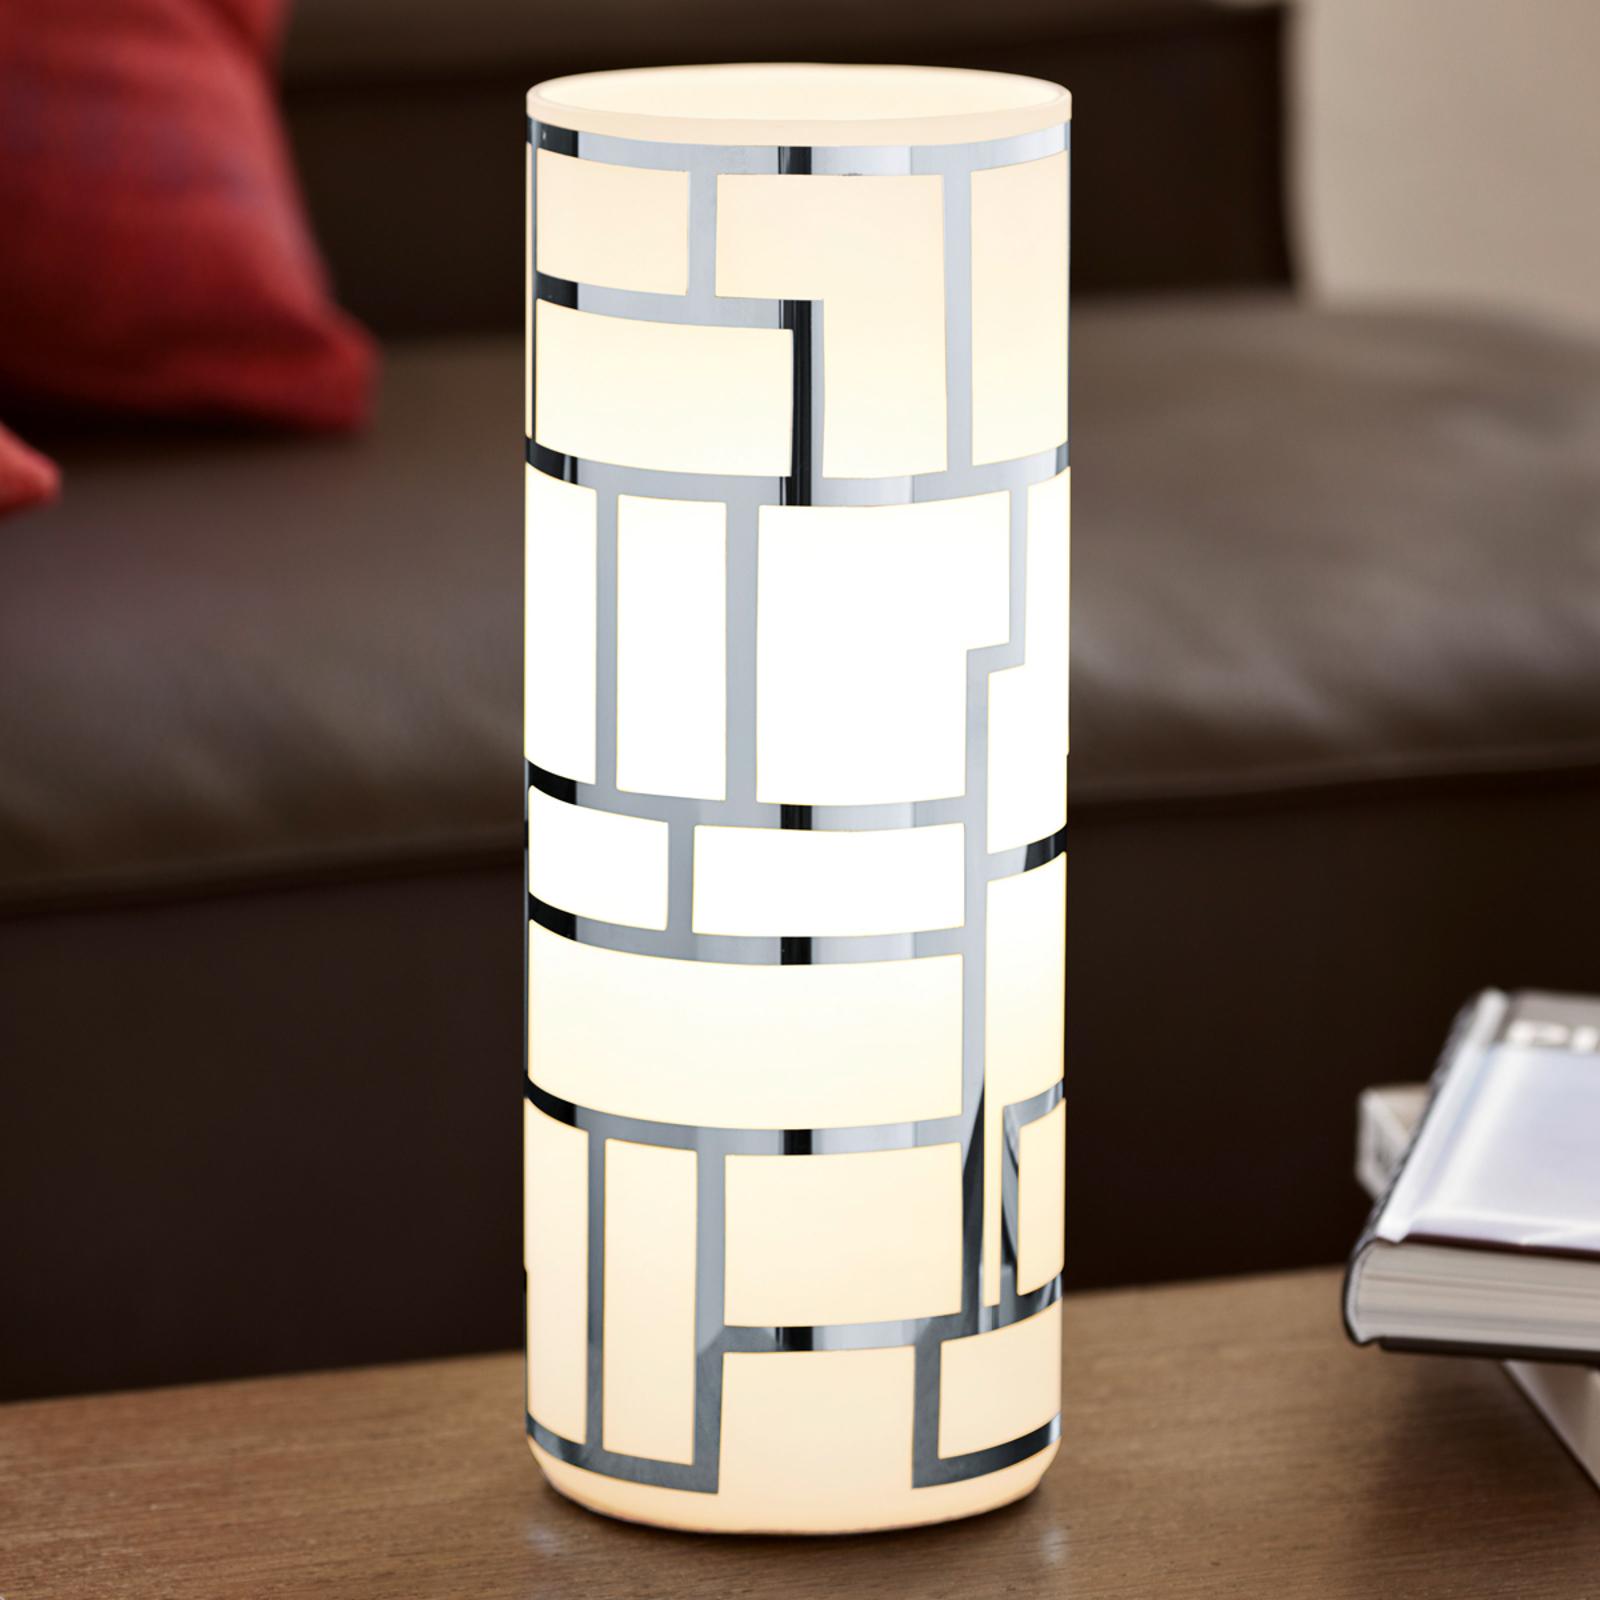 Cylindryczna lampa stołowa Bayman